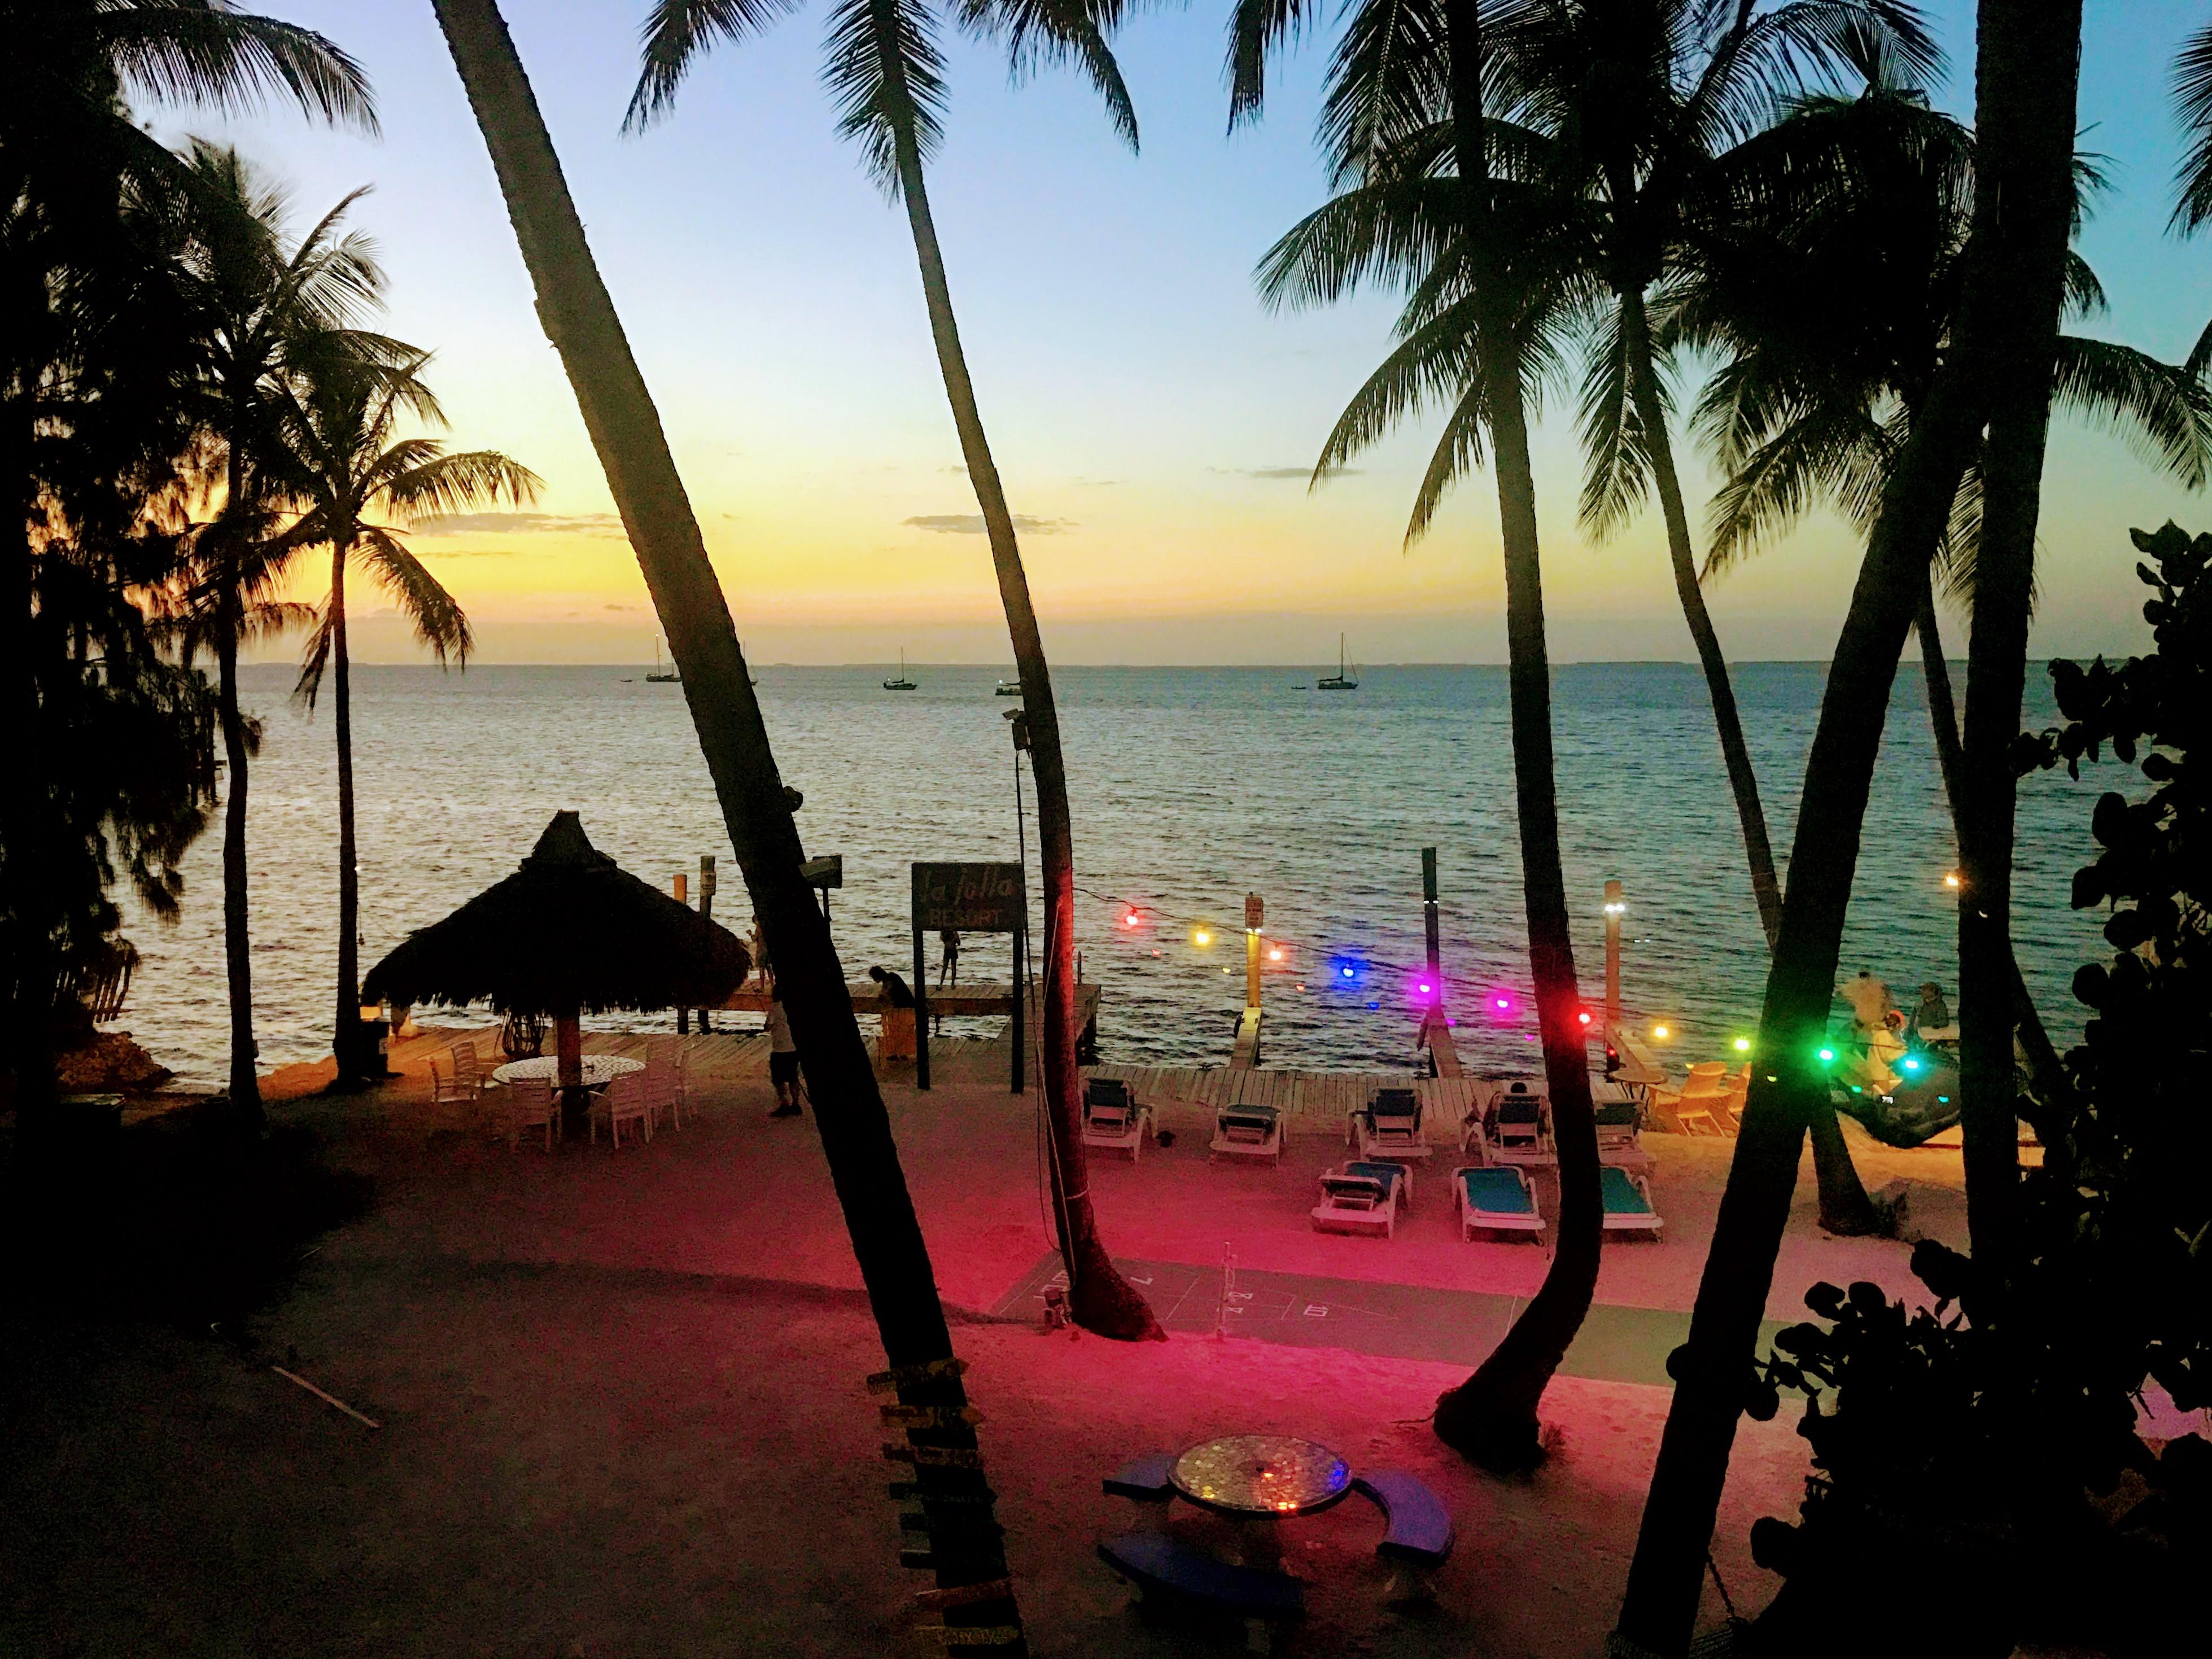 Zonsondergang met gekleurde lampjes in de palmbomen